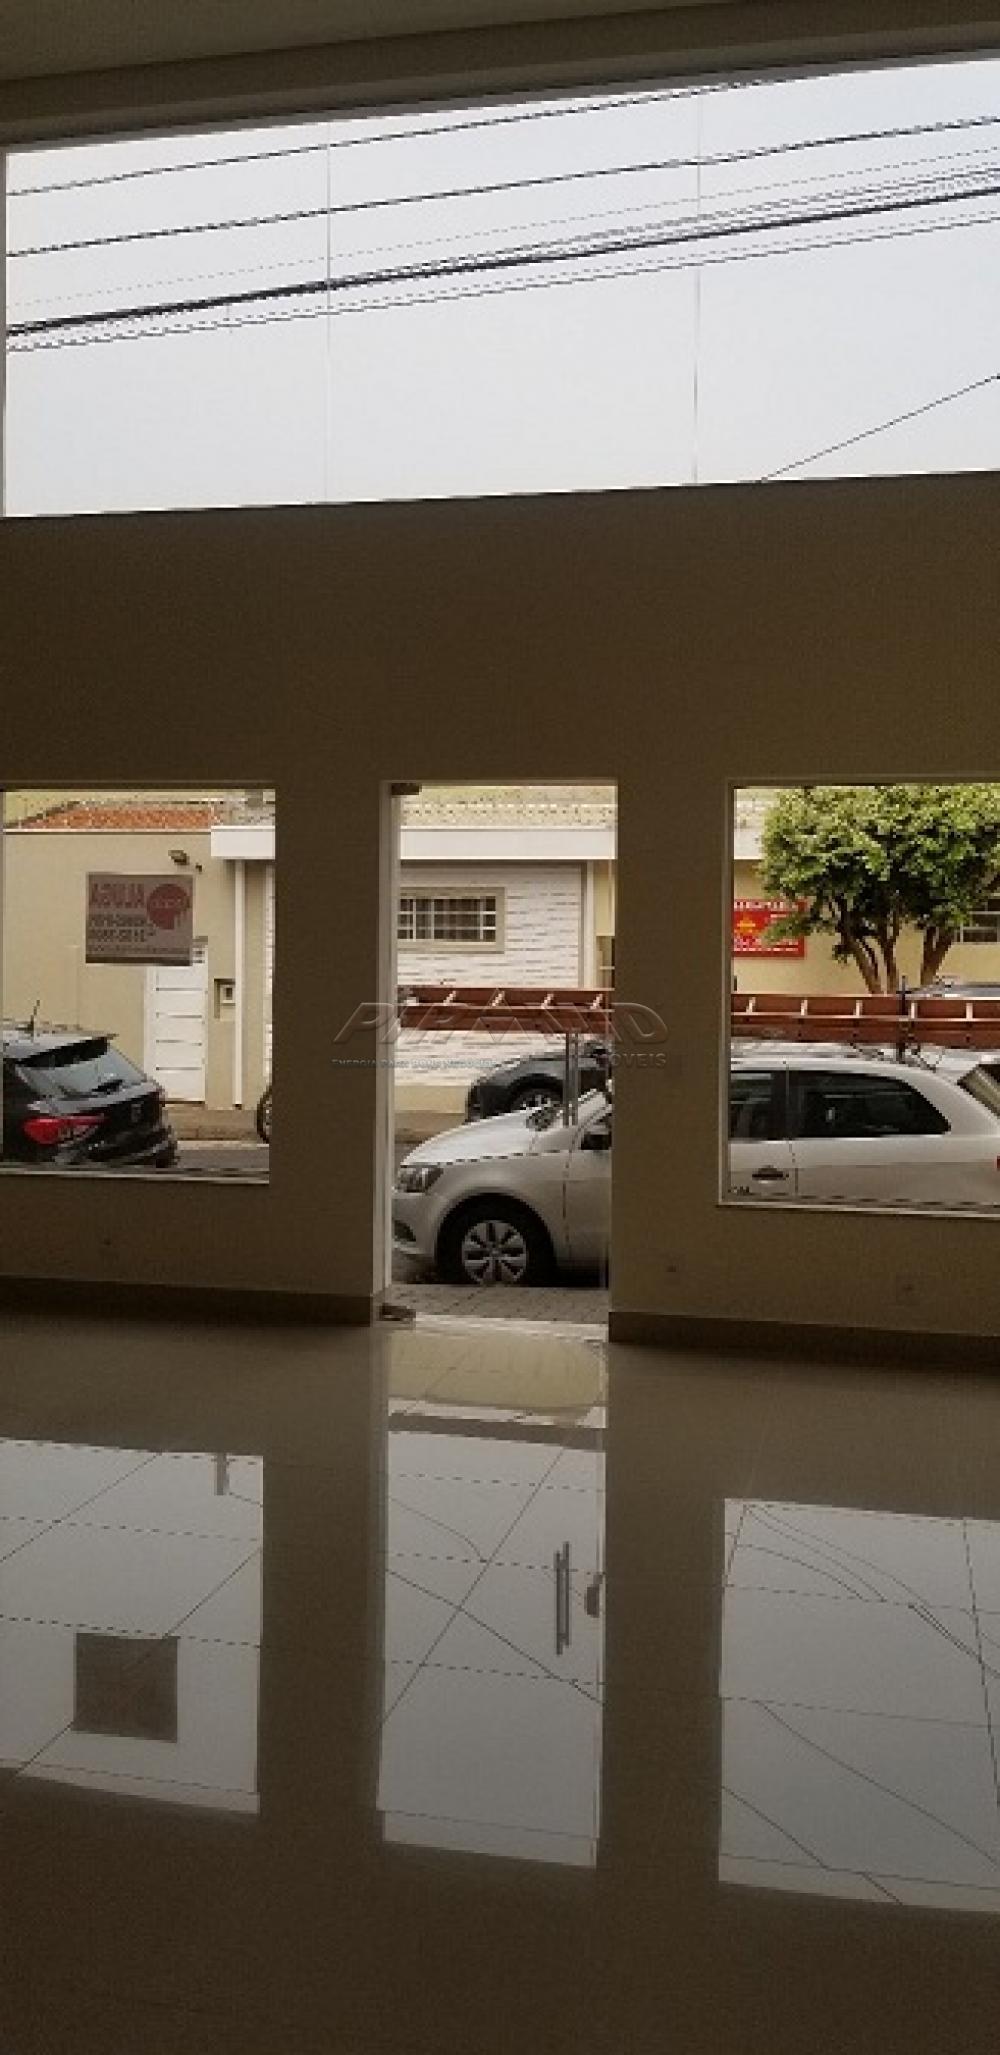 Alugar Comercial / Prédio em Ribeirão Preto apenas R$ 1.900,00 - Foto 5